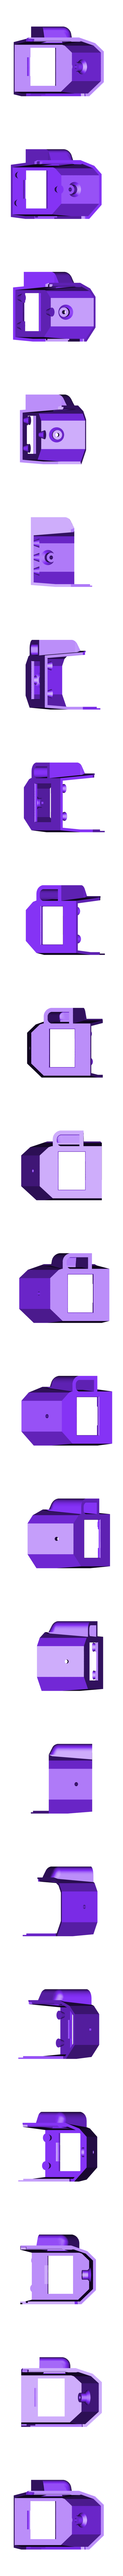 oled_frame.stl Télécharger fichier STL gratuit EPIC 6 stage coilgun • Objet pour impression 3D, Gyro